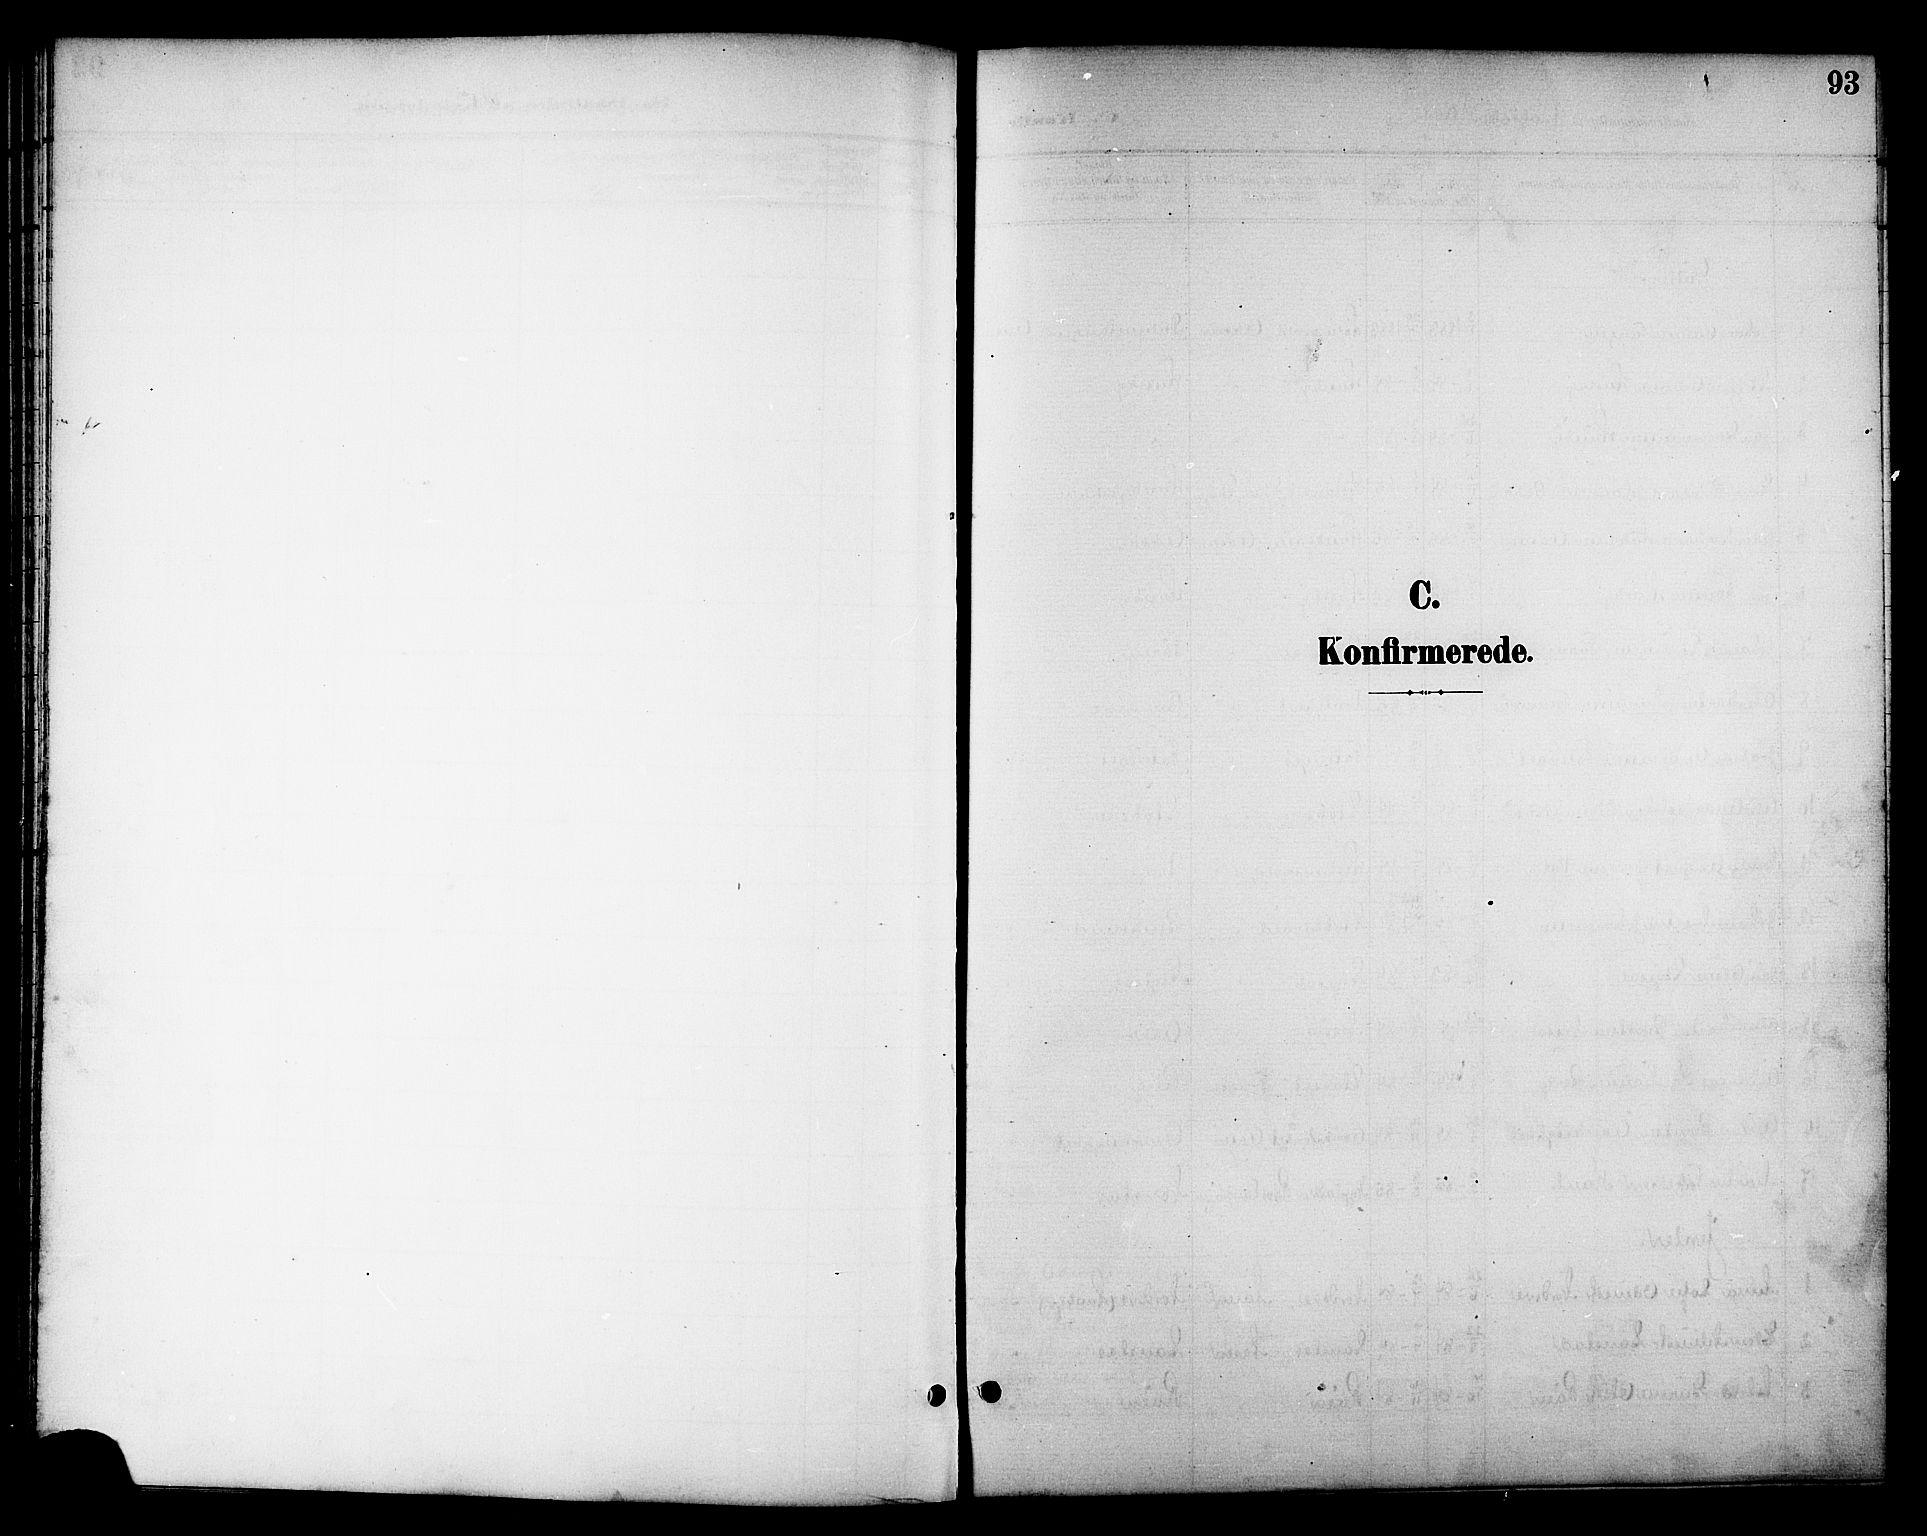 SAT, Ministerialprotokoller, klokkerbøker og fødselsregistre - Nord-Trøndelag, 714/L0135: Klokkerbok nr. 714C04, 1899-1918, s. 93